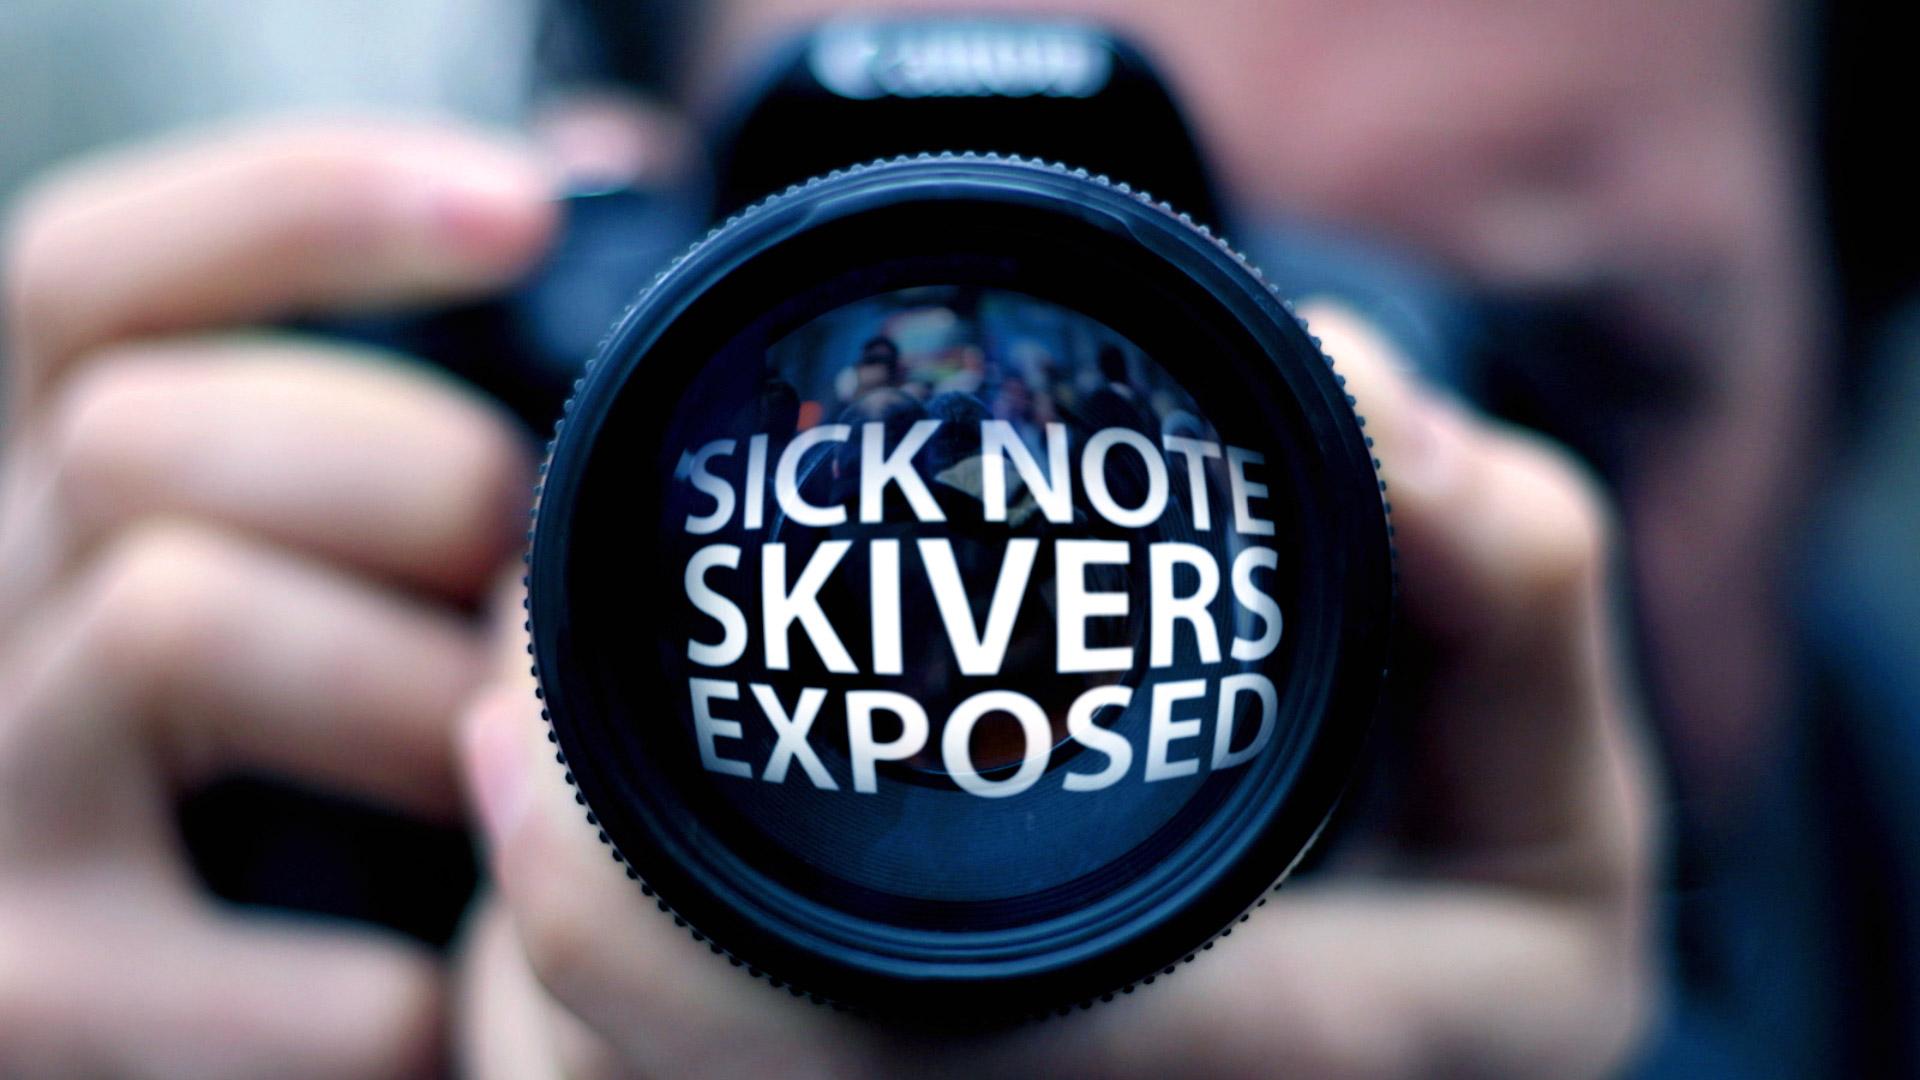 Sick Note Skivers Exposed Holey & Moley ©Holey&Moley 2015